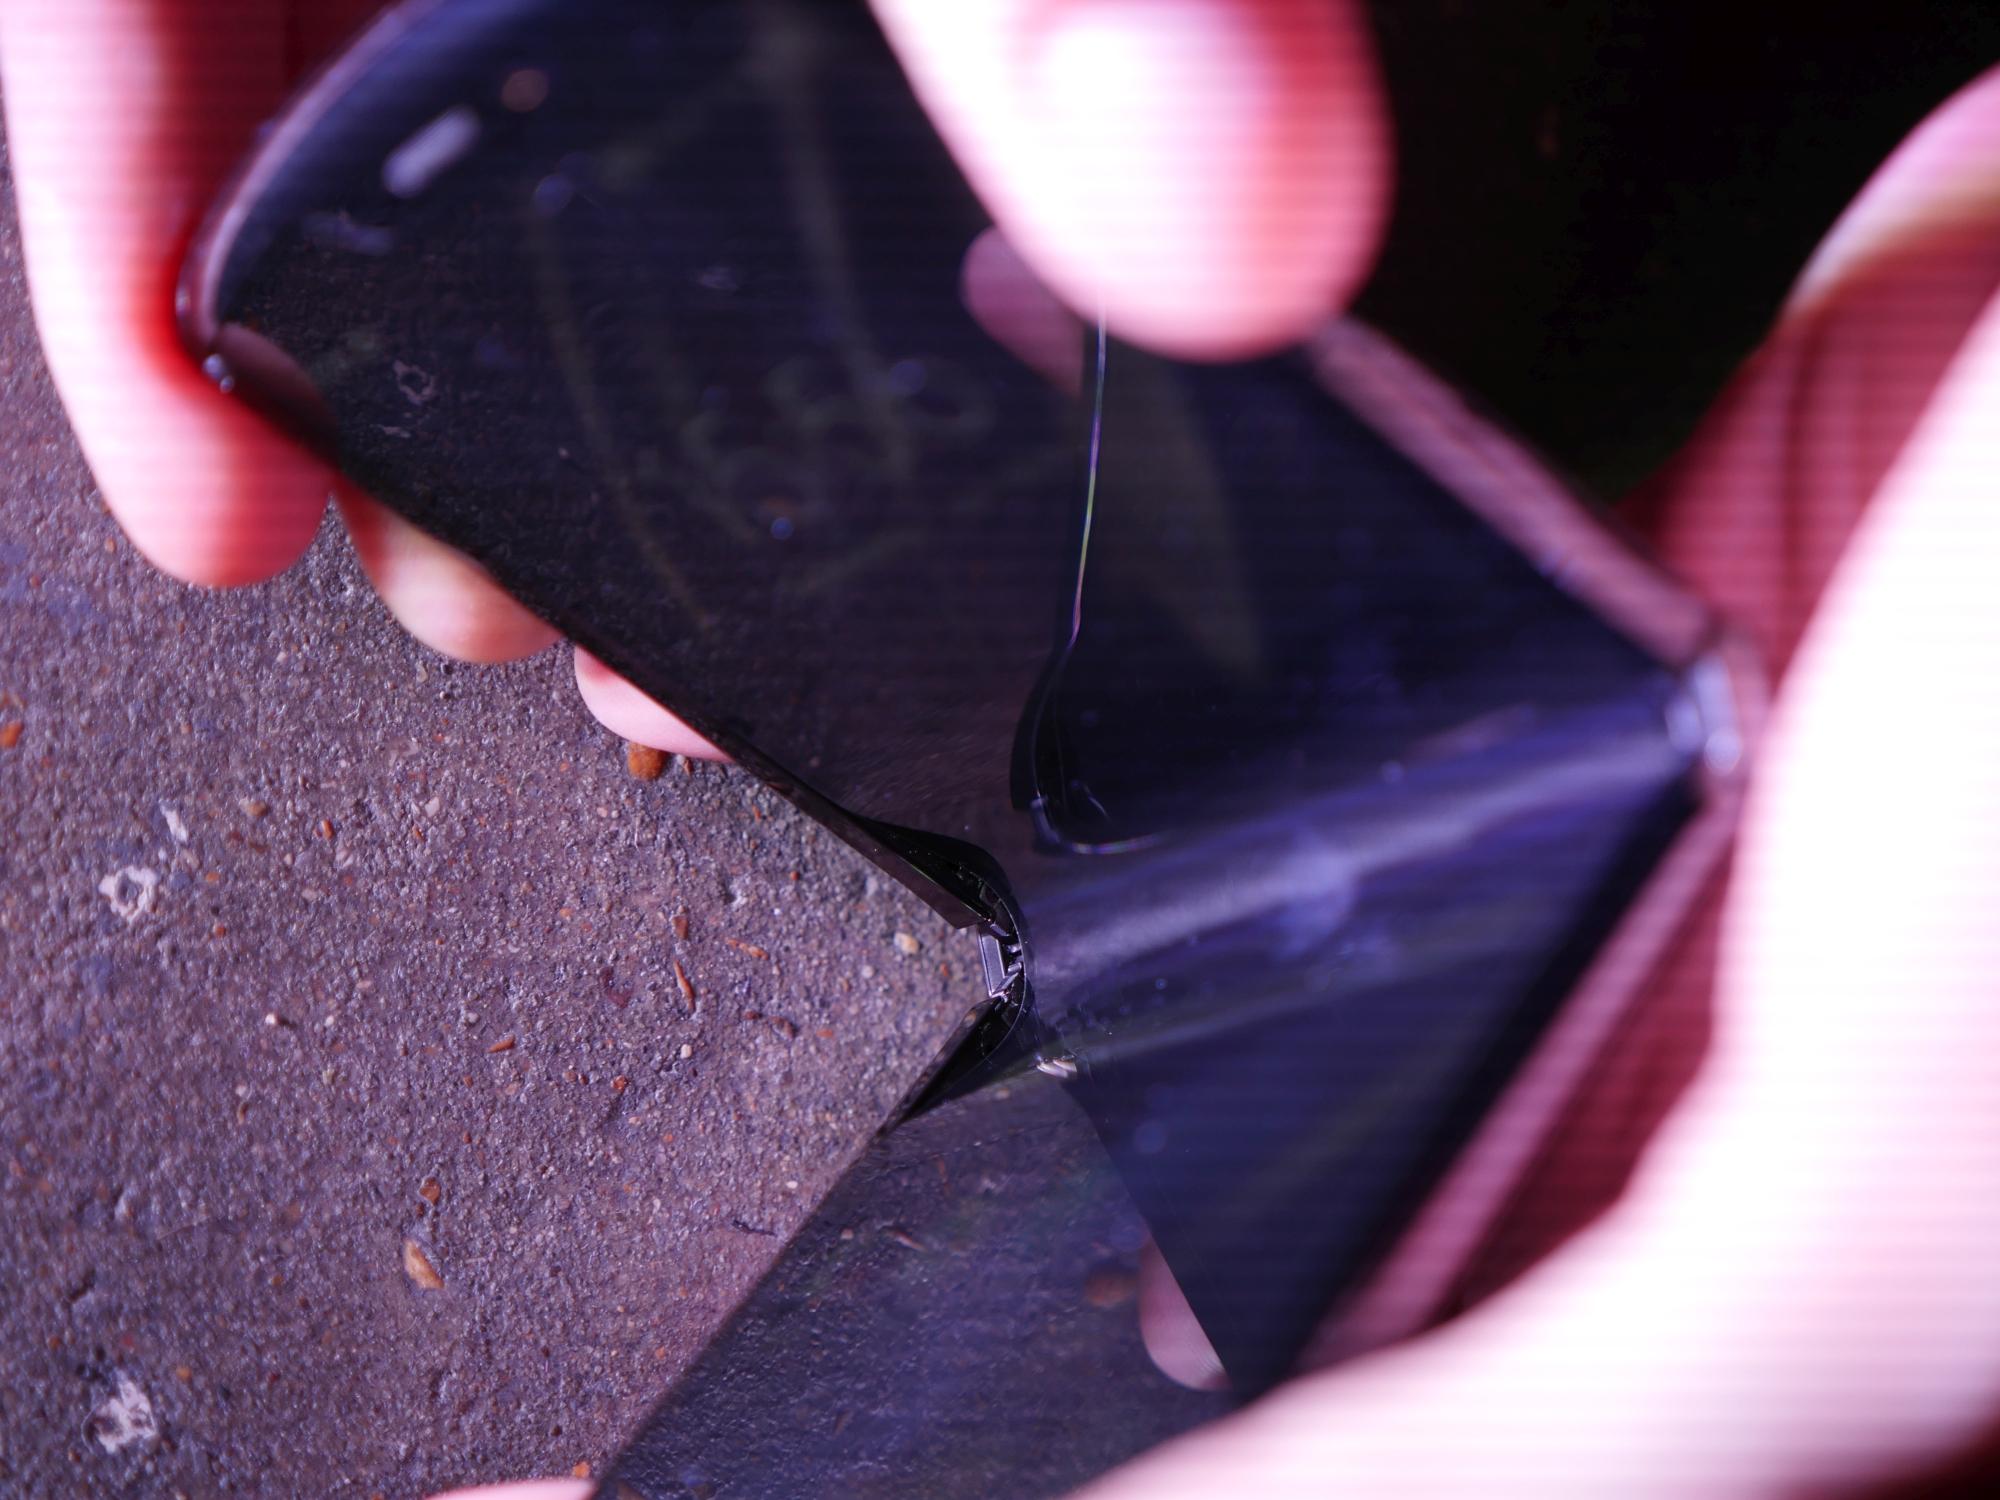 Coś dla miłośników ASMR. Składana Motorola RAZR skrzypi jak stare krzesło